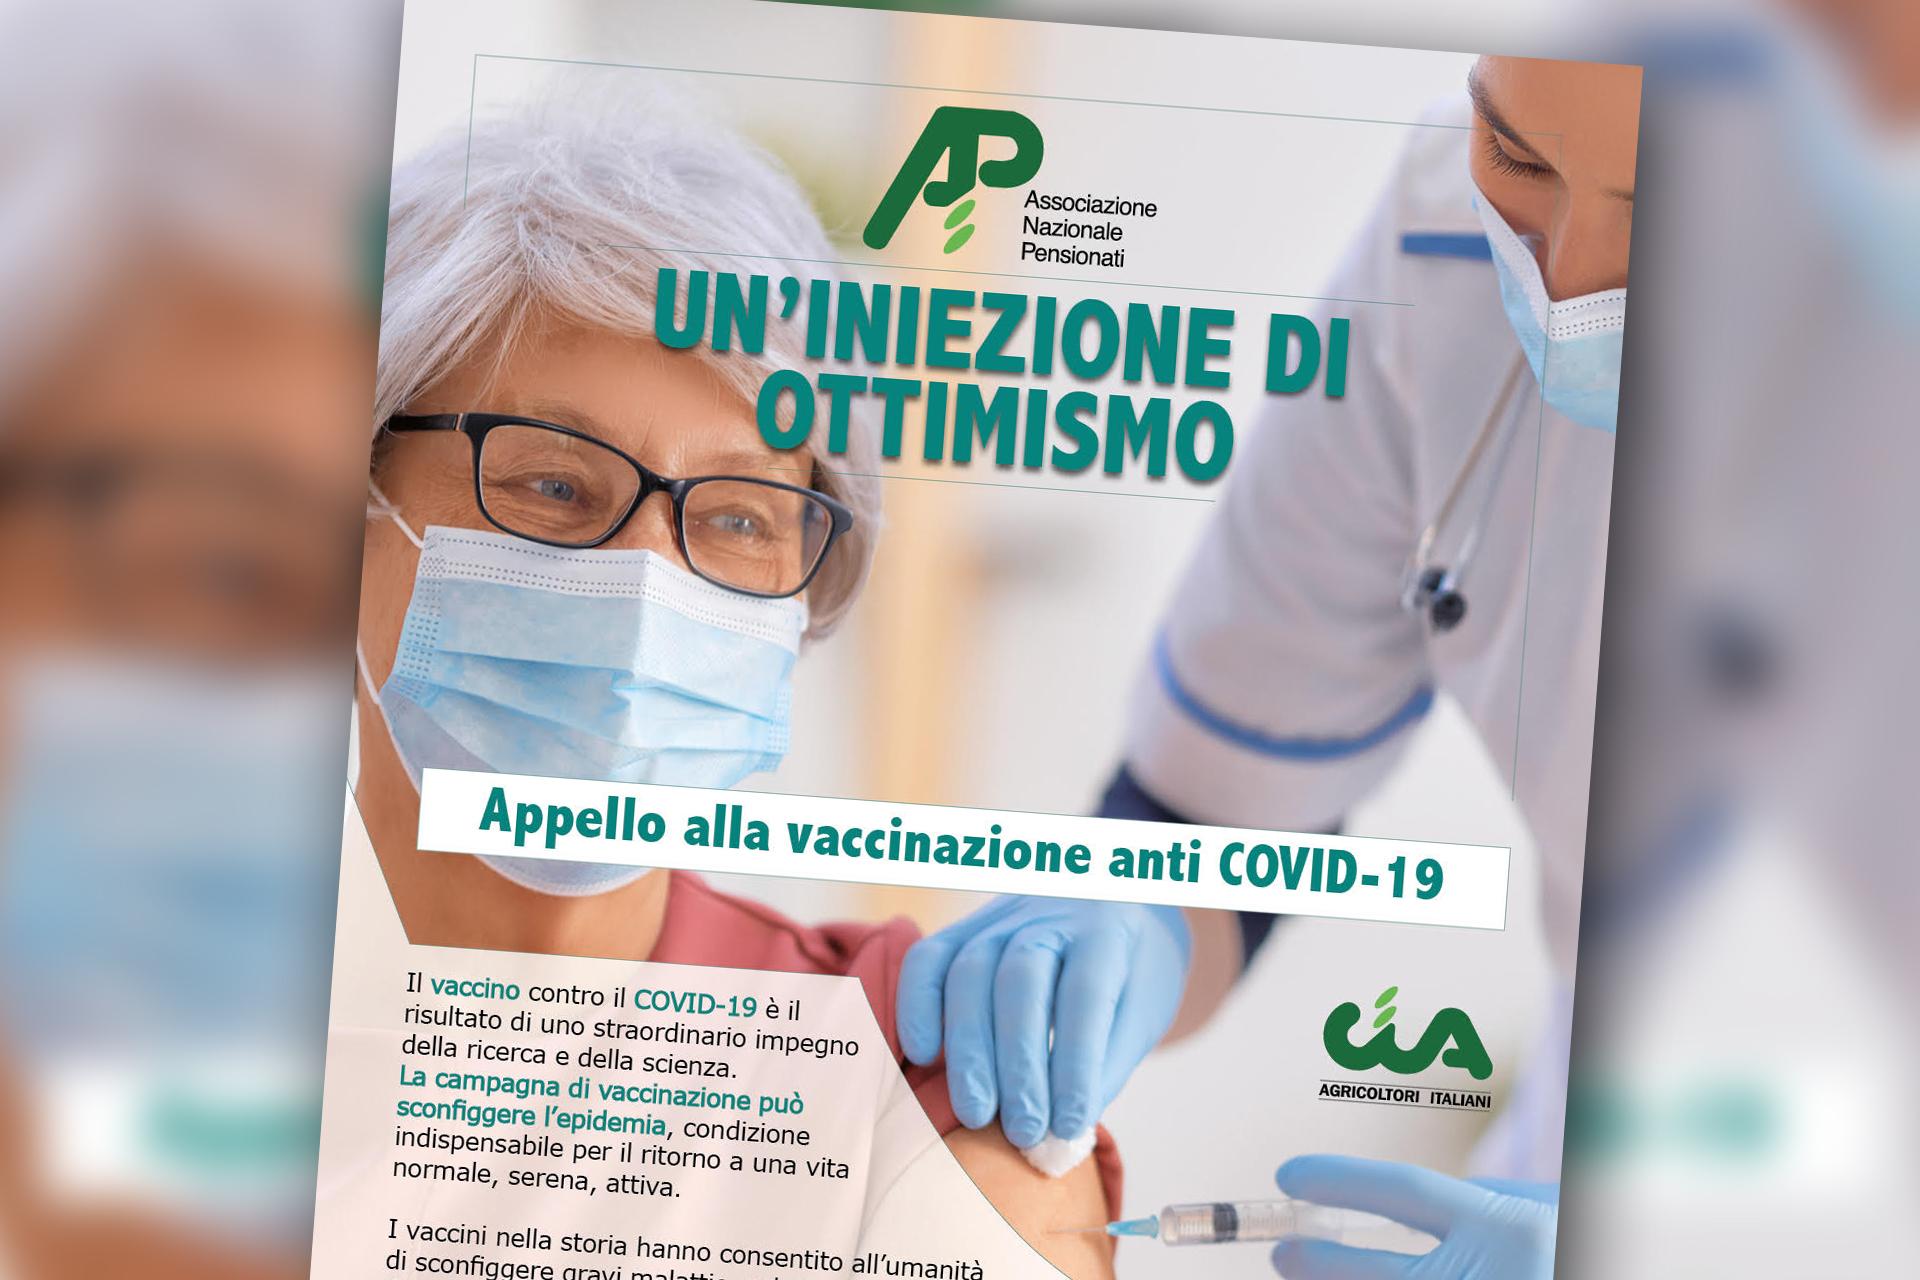 anp-cia-appello-vaccinazione-anti-covid